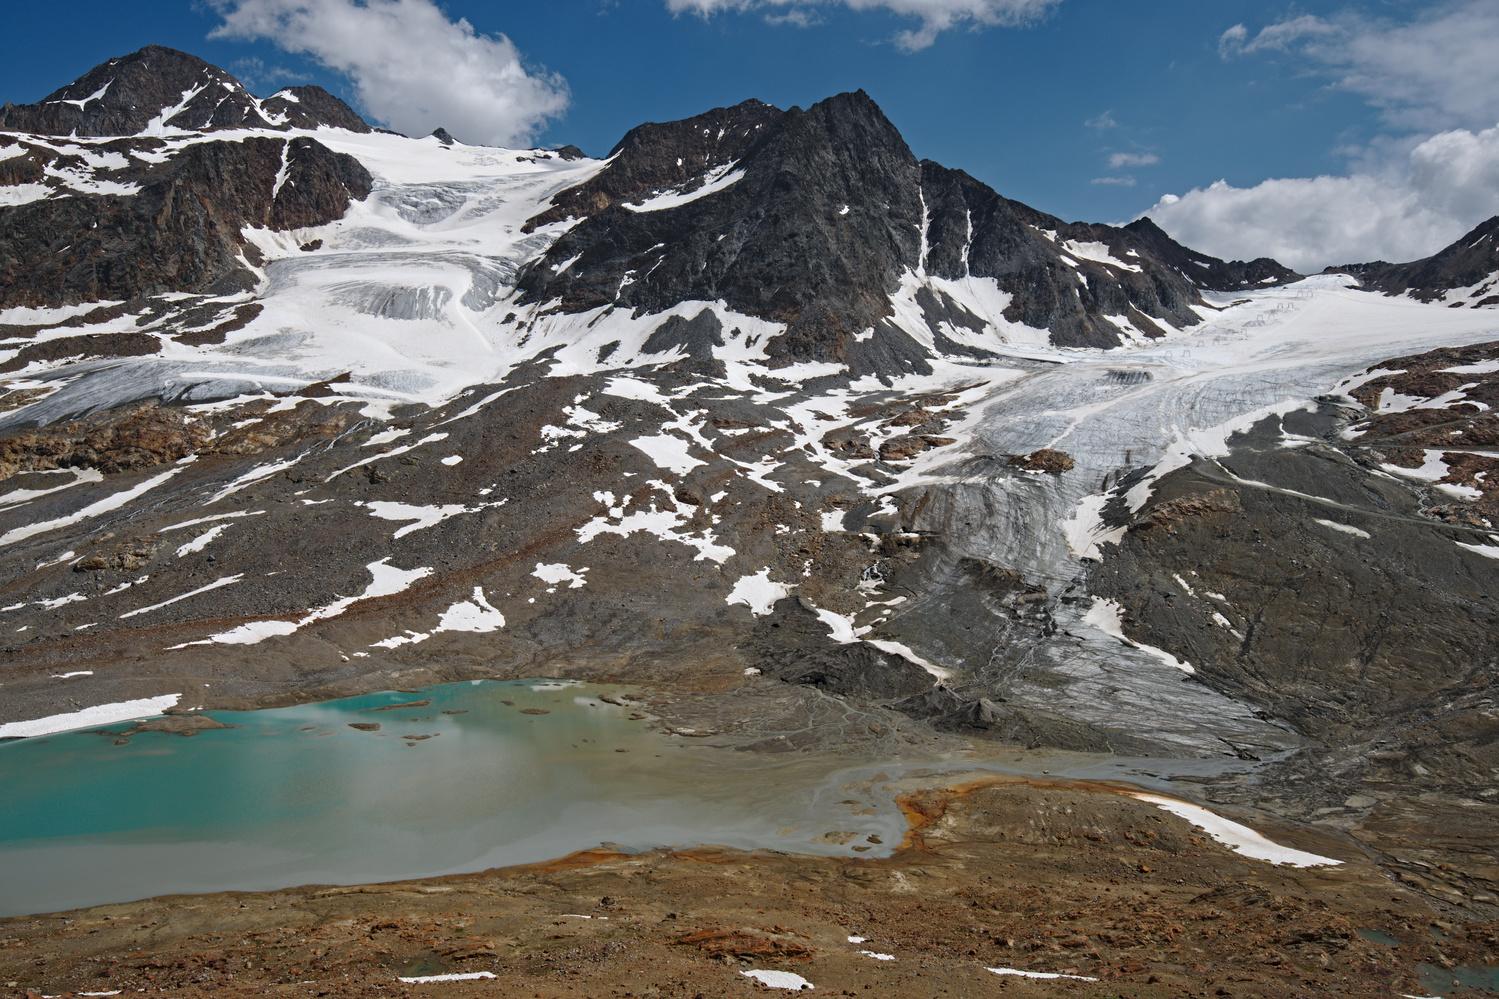 The glacier retreat by Giulio Roman